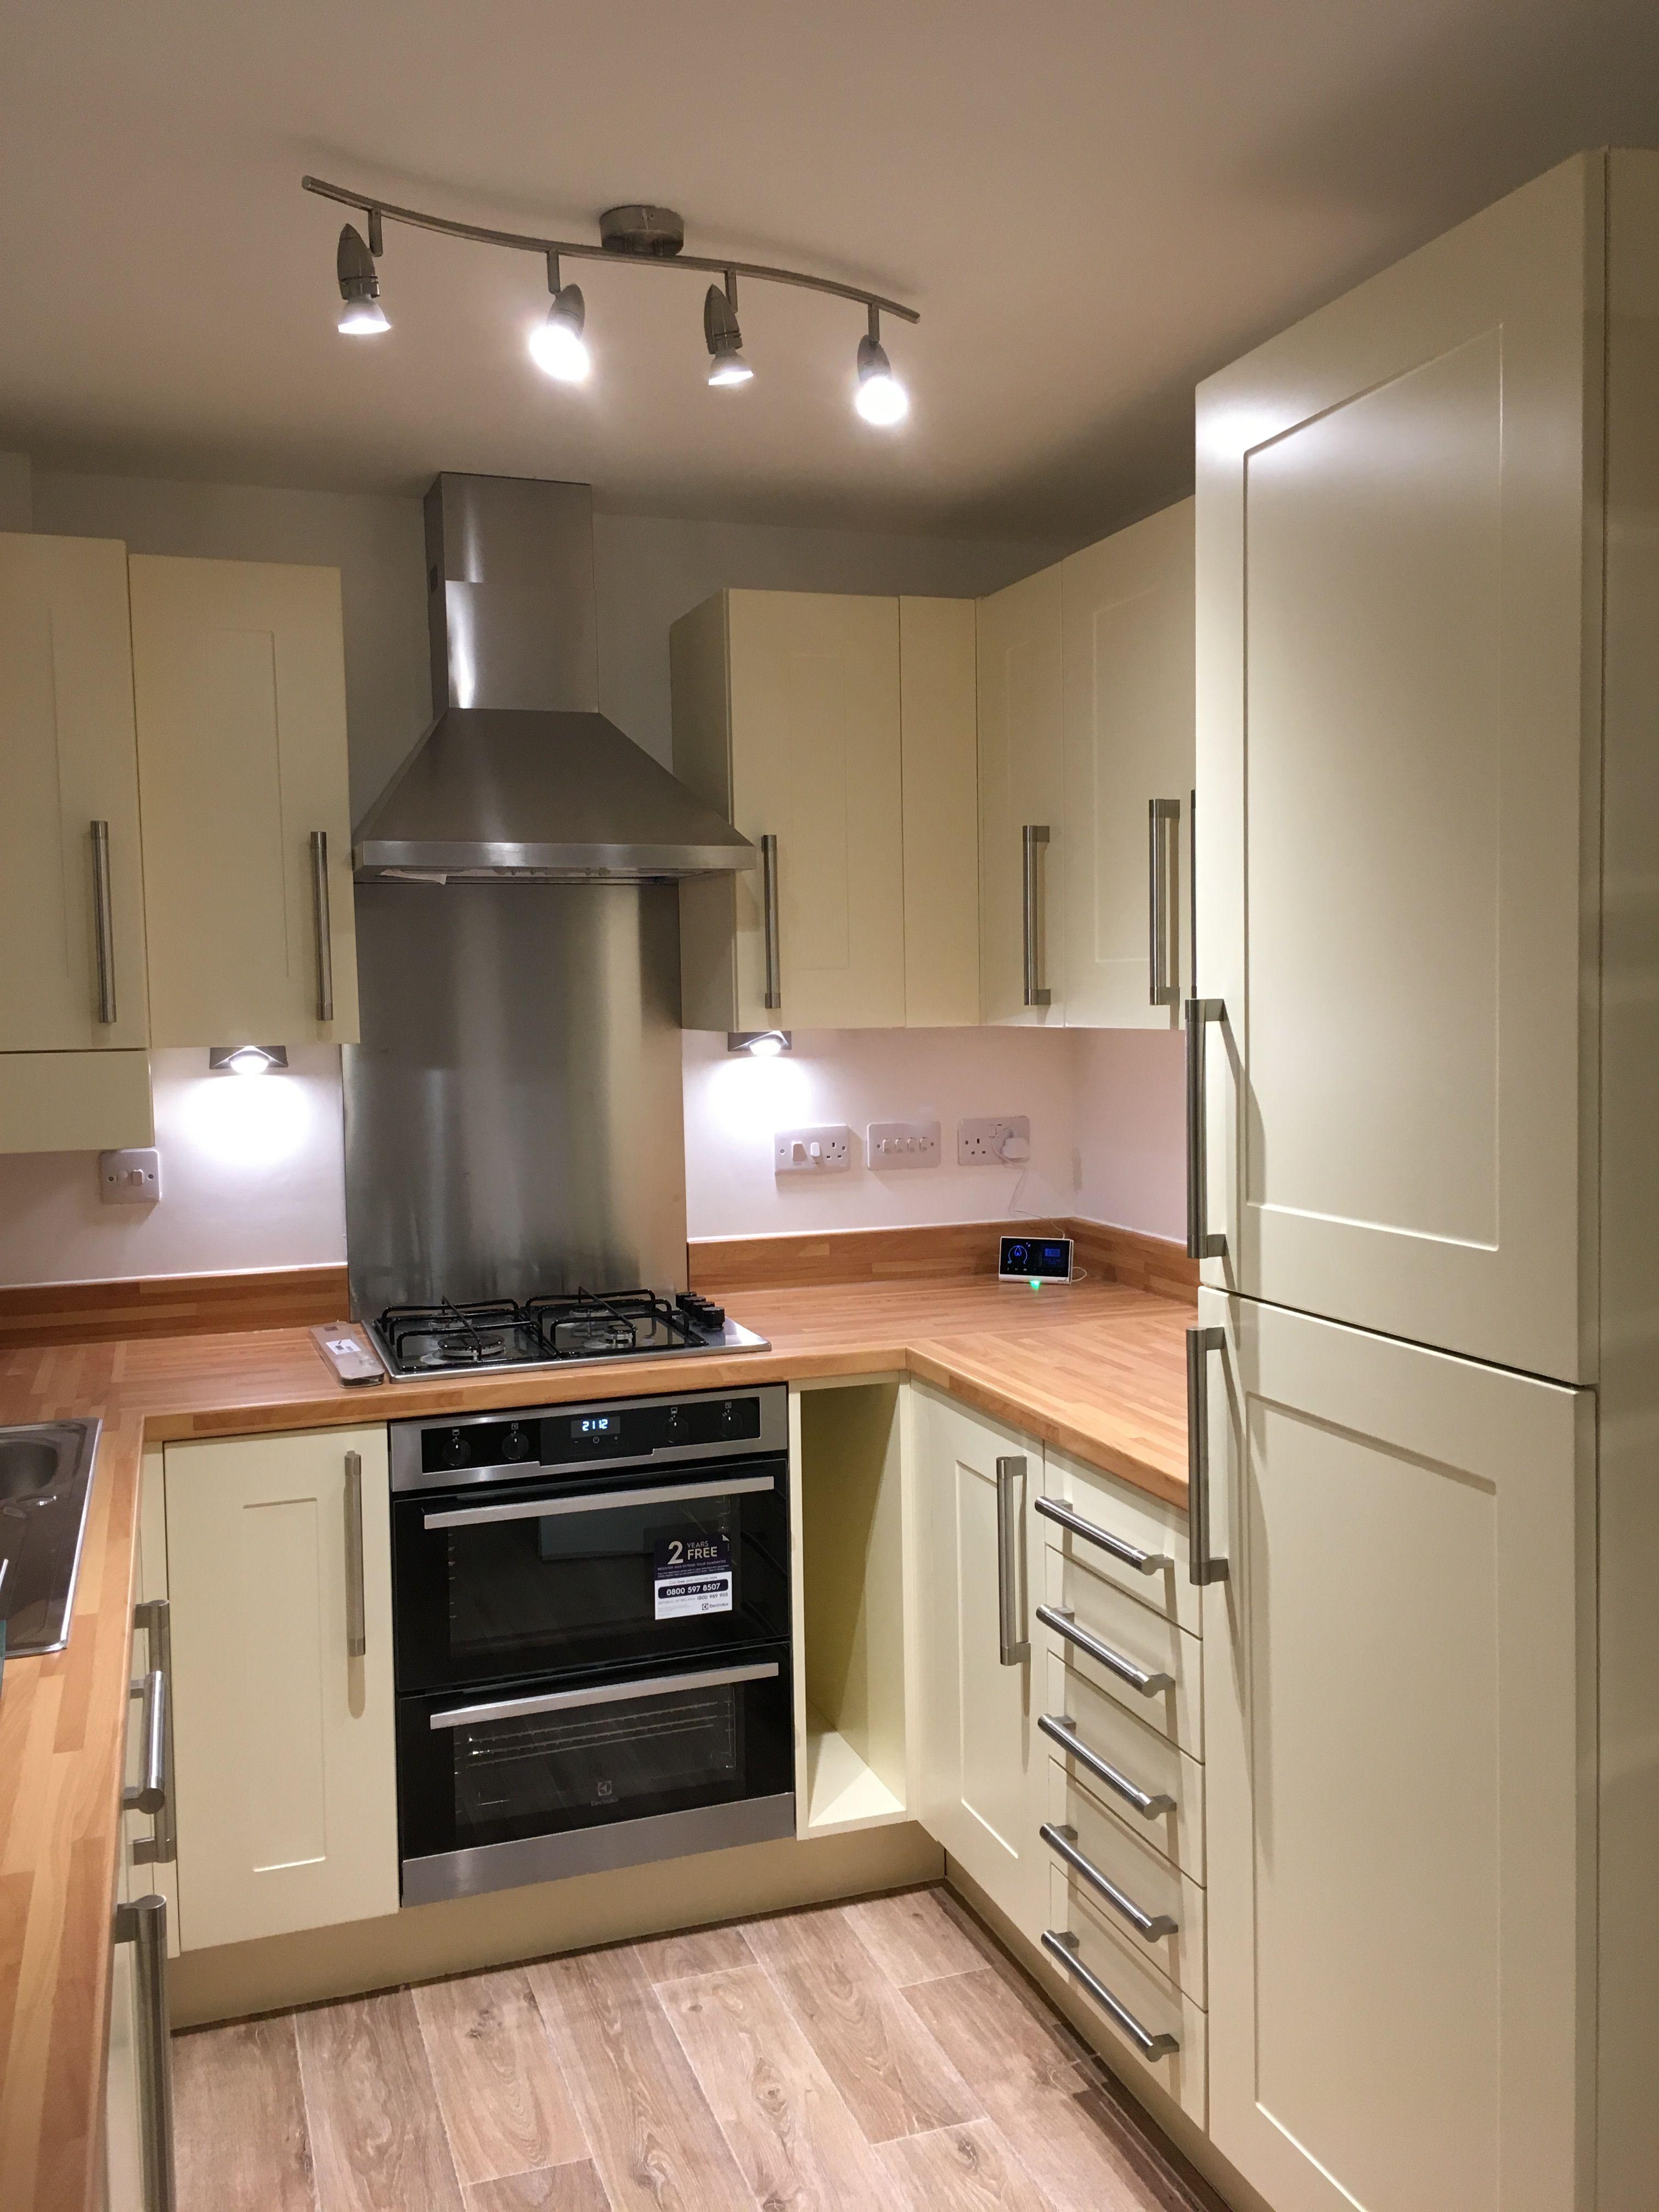 beige color small kitchen decor idea Kitchen